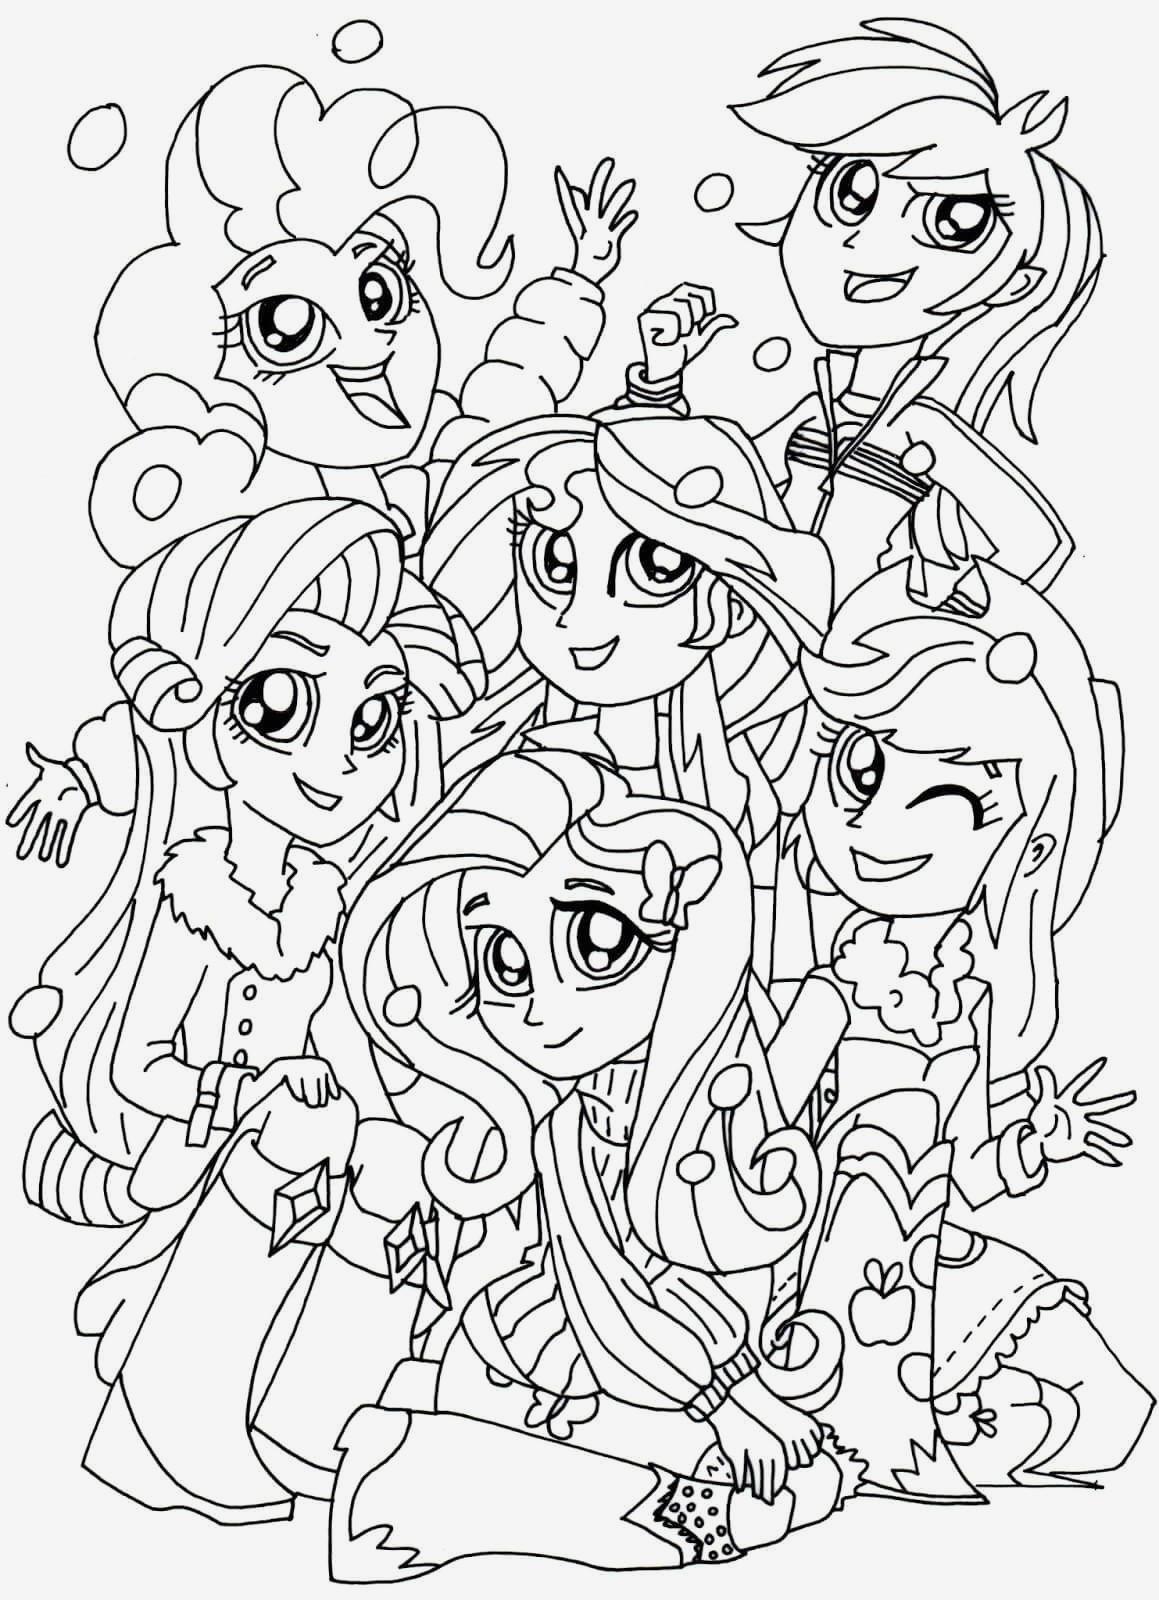 Ausmalbilder My Little Pony Equestria Girl Genial Beispielbilder Färben My Little Pony Ausmalbilder Bilder